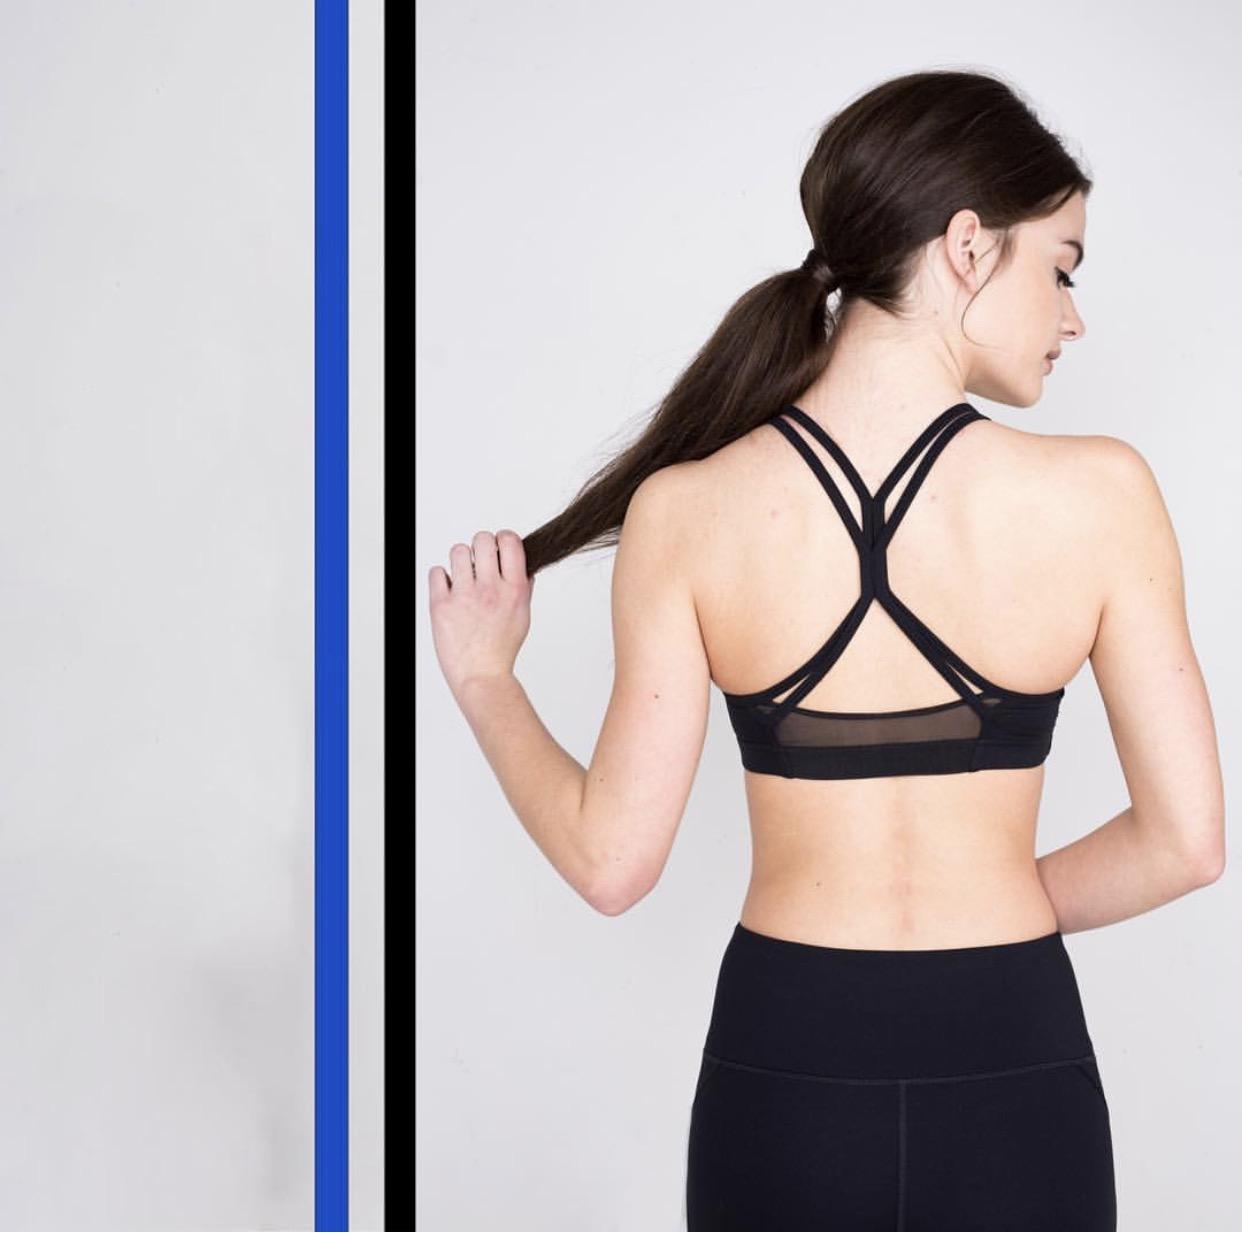 одежда для фитнеса женская интернет